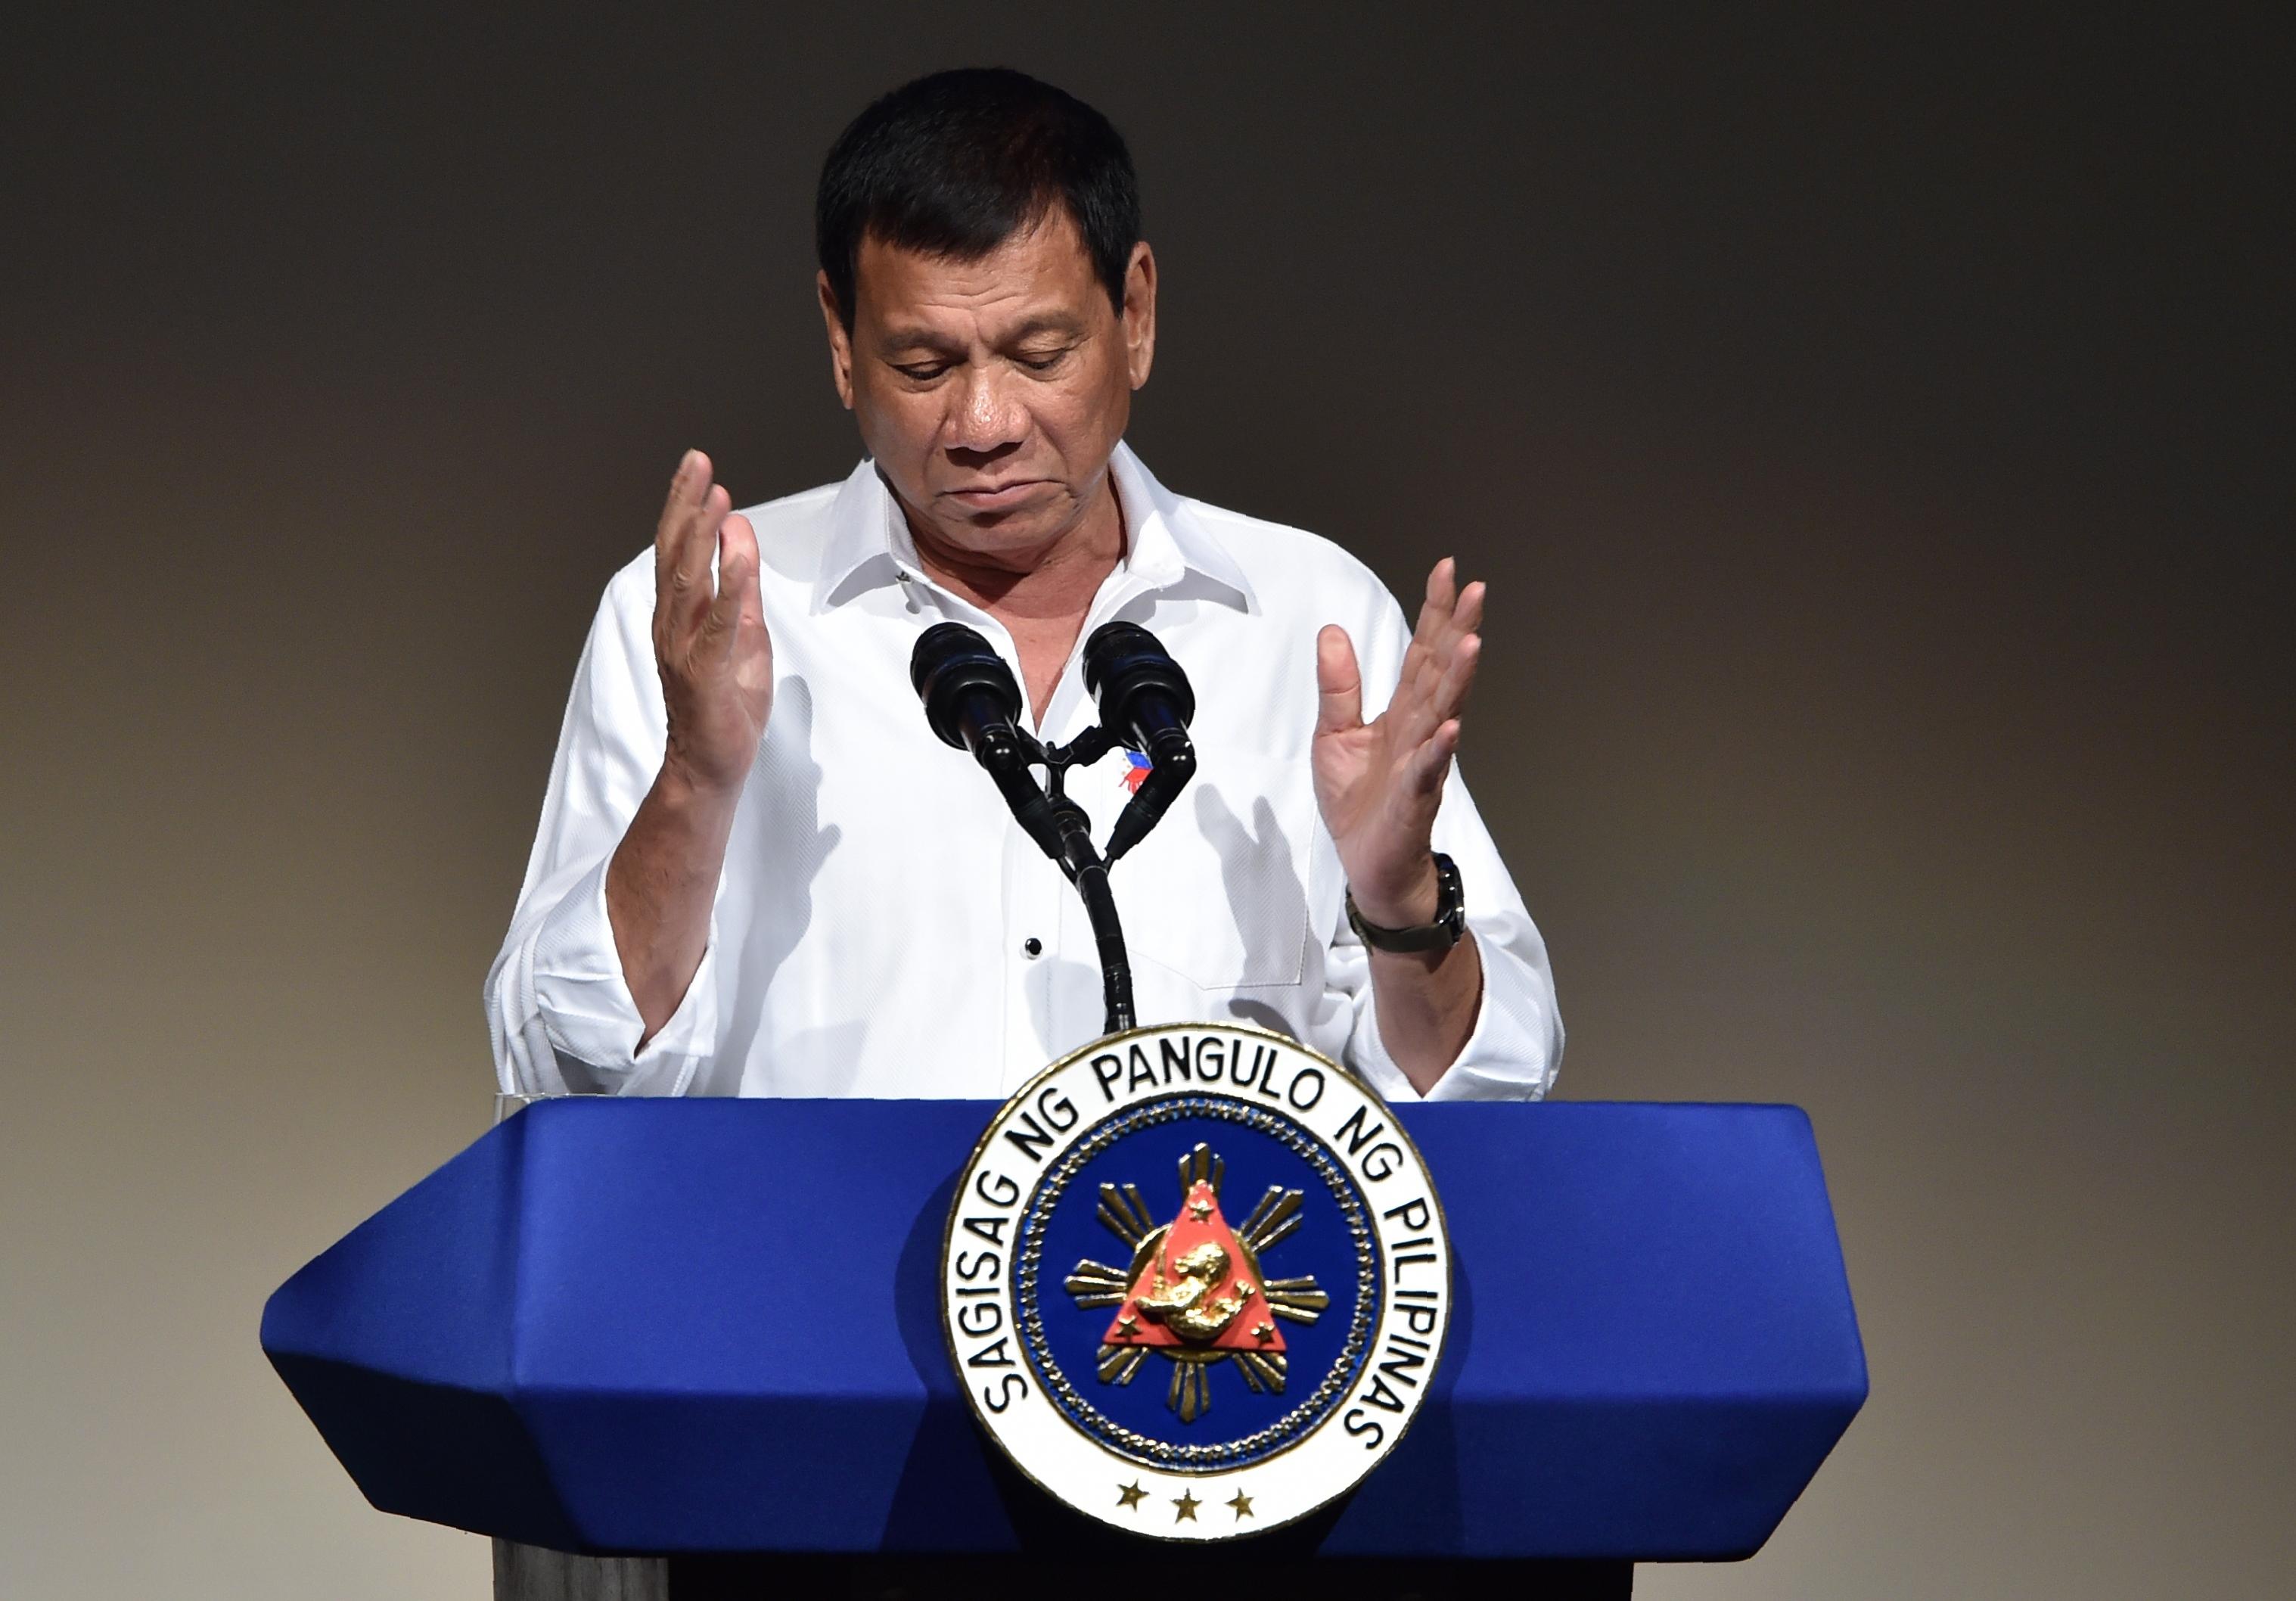 Duterte fiát és vejét drogcsempészettel hozták összefüggésbe, a Fülöp-szigeteki kormány máris közölte, hogy újragondolják a drogháborút